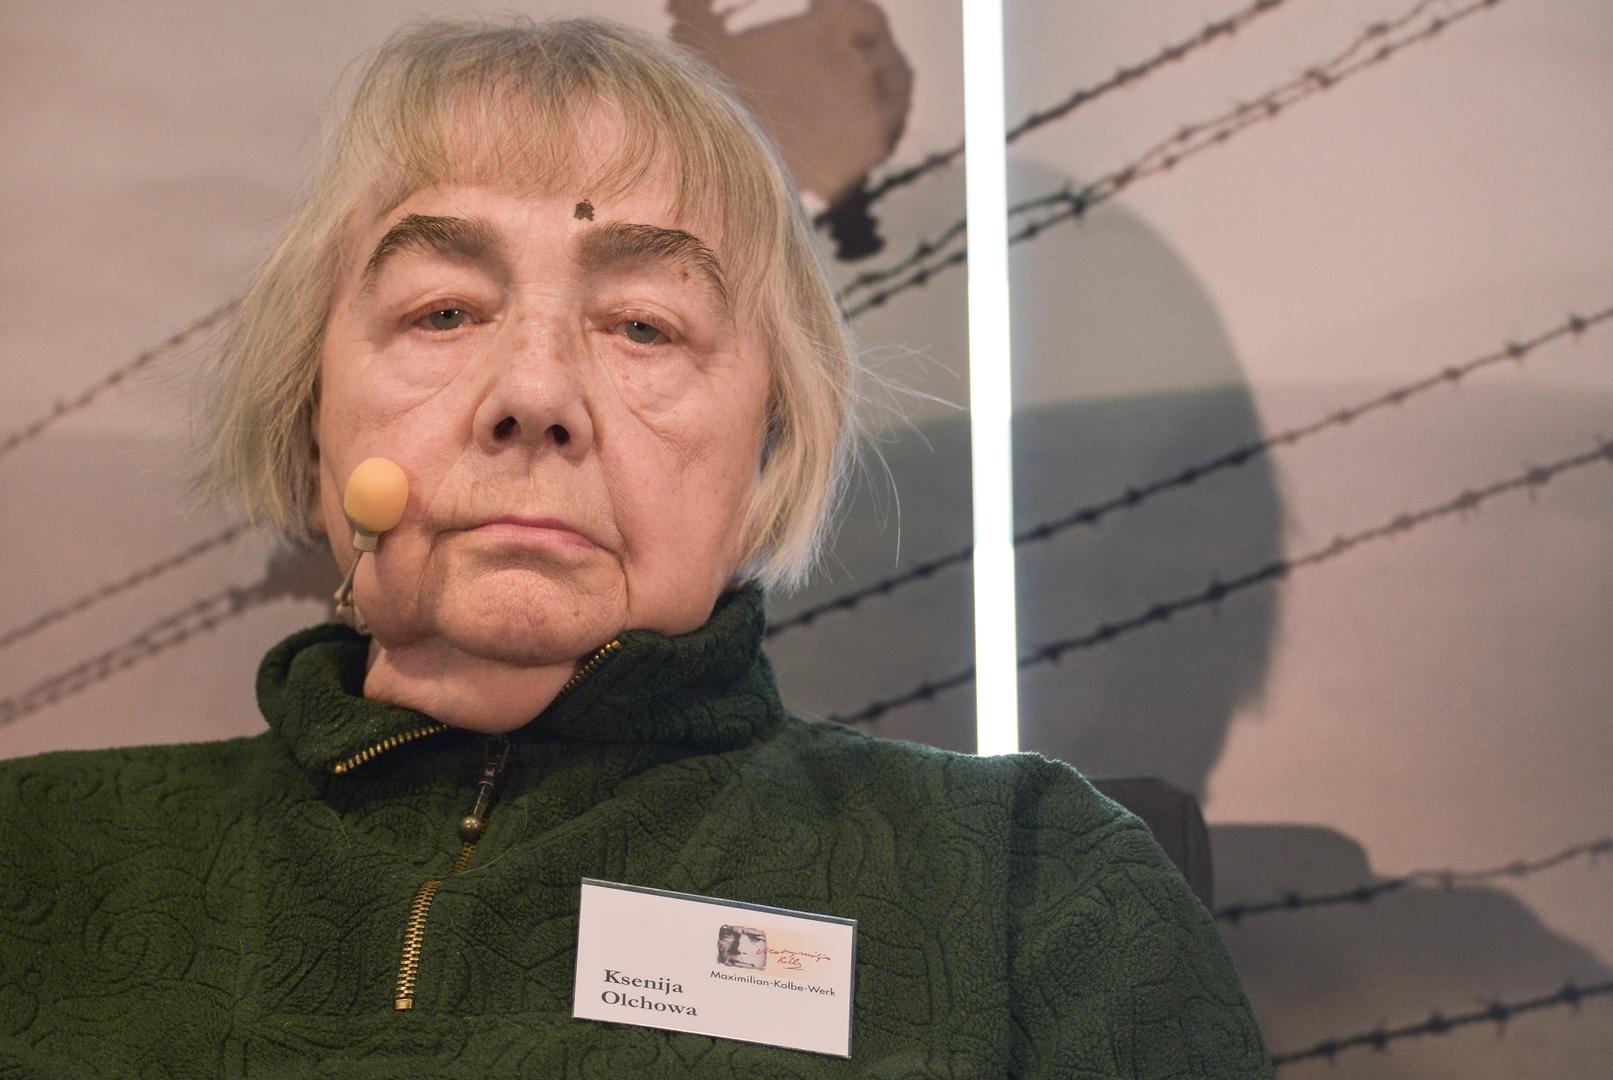 Ihre Rettung war ein Wunder – Die letzten Überlebenden von Auschwitz berichten am Ort des Grauens